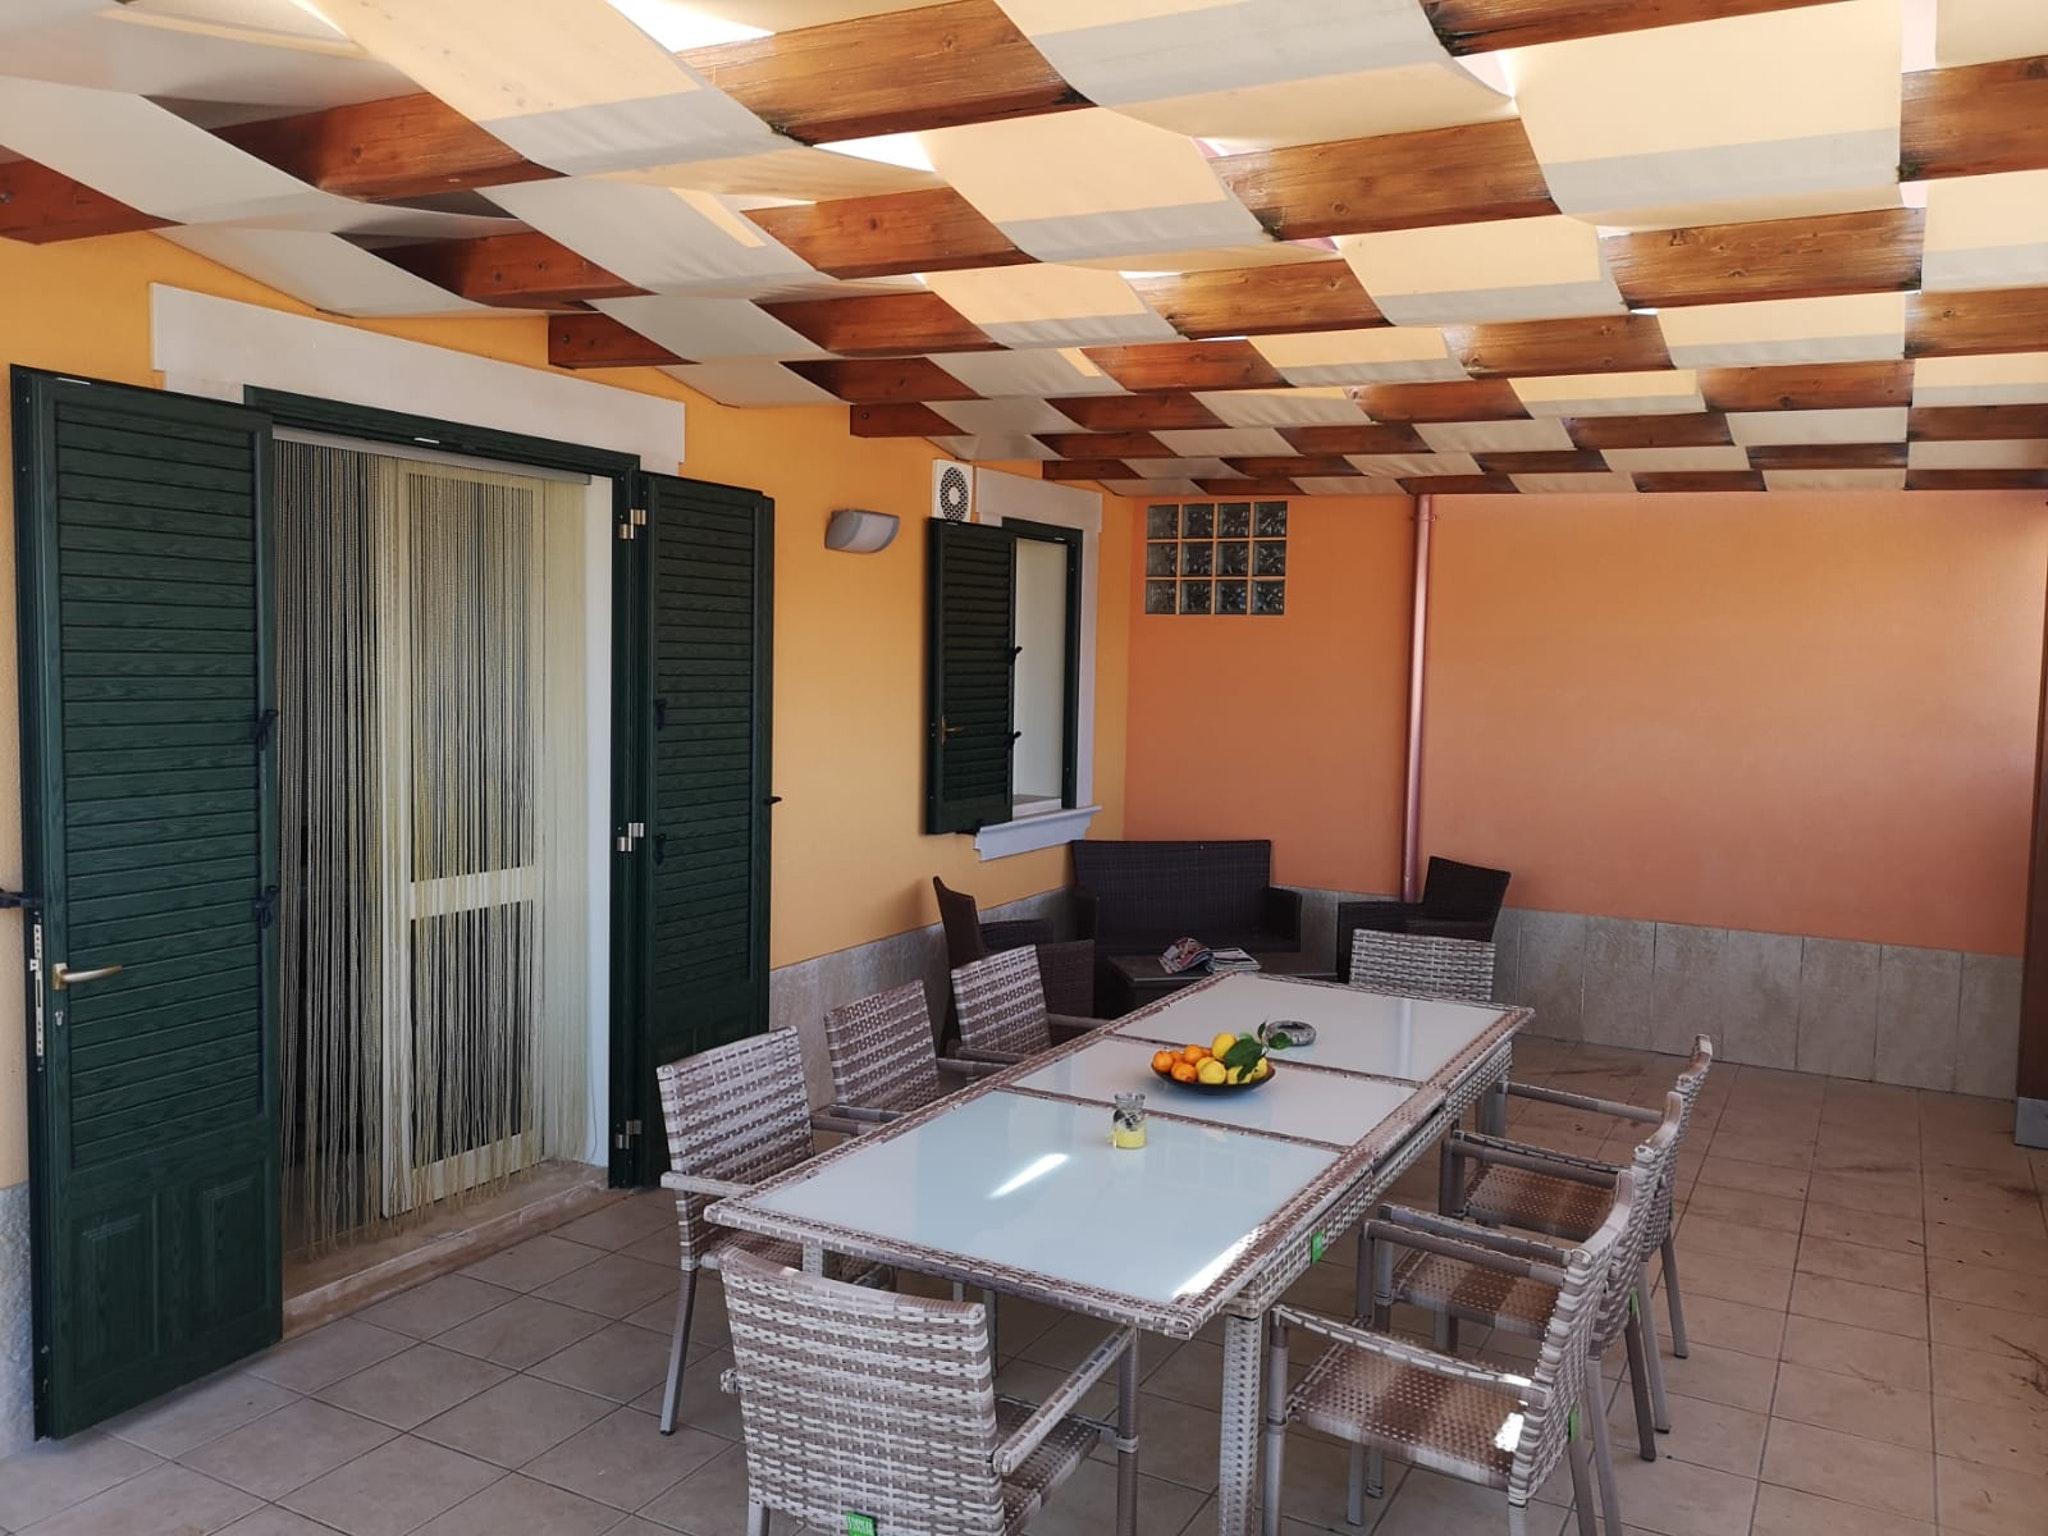 Maison de vacances Villa mit 4 Schlafzimmern in Scicli mit privatem Pool, eingezäuntem Garten und W-LAN - 300 (2617979), Scicli, Ragusa, Sicile, Italie, image 25